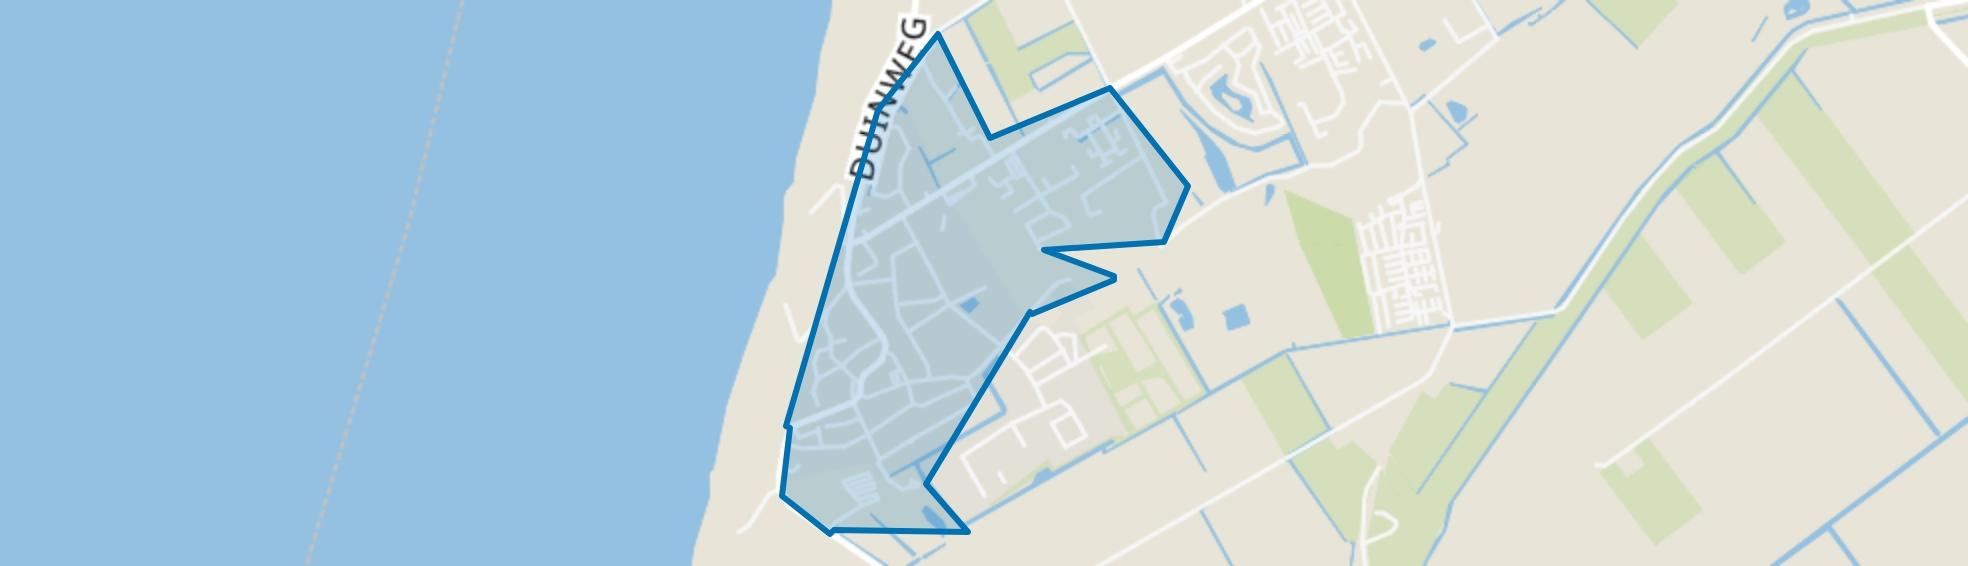 Callantsoog (woonkern), Callantsoog map